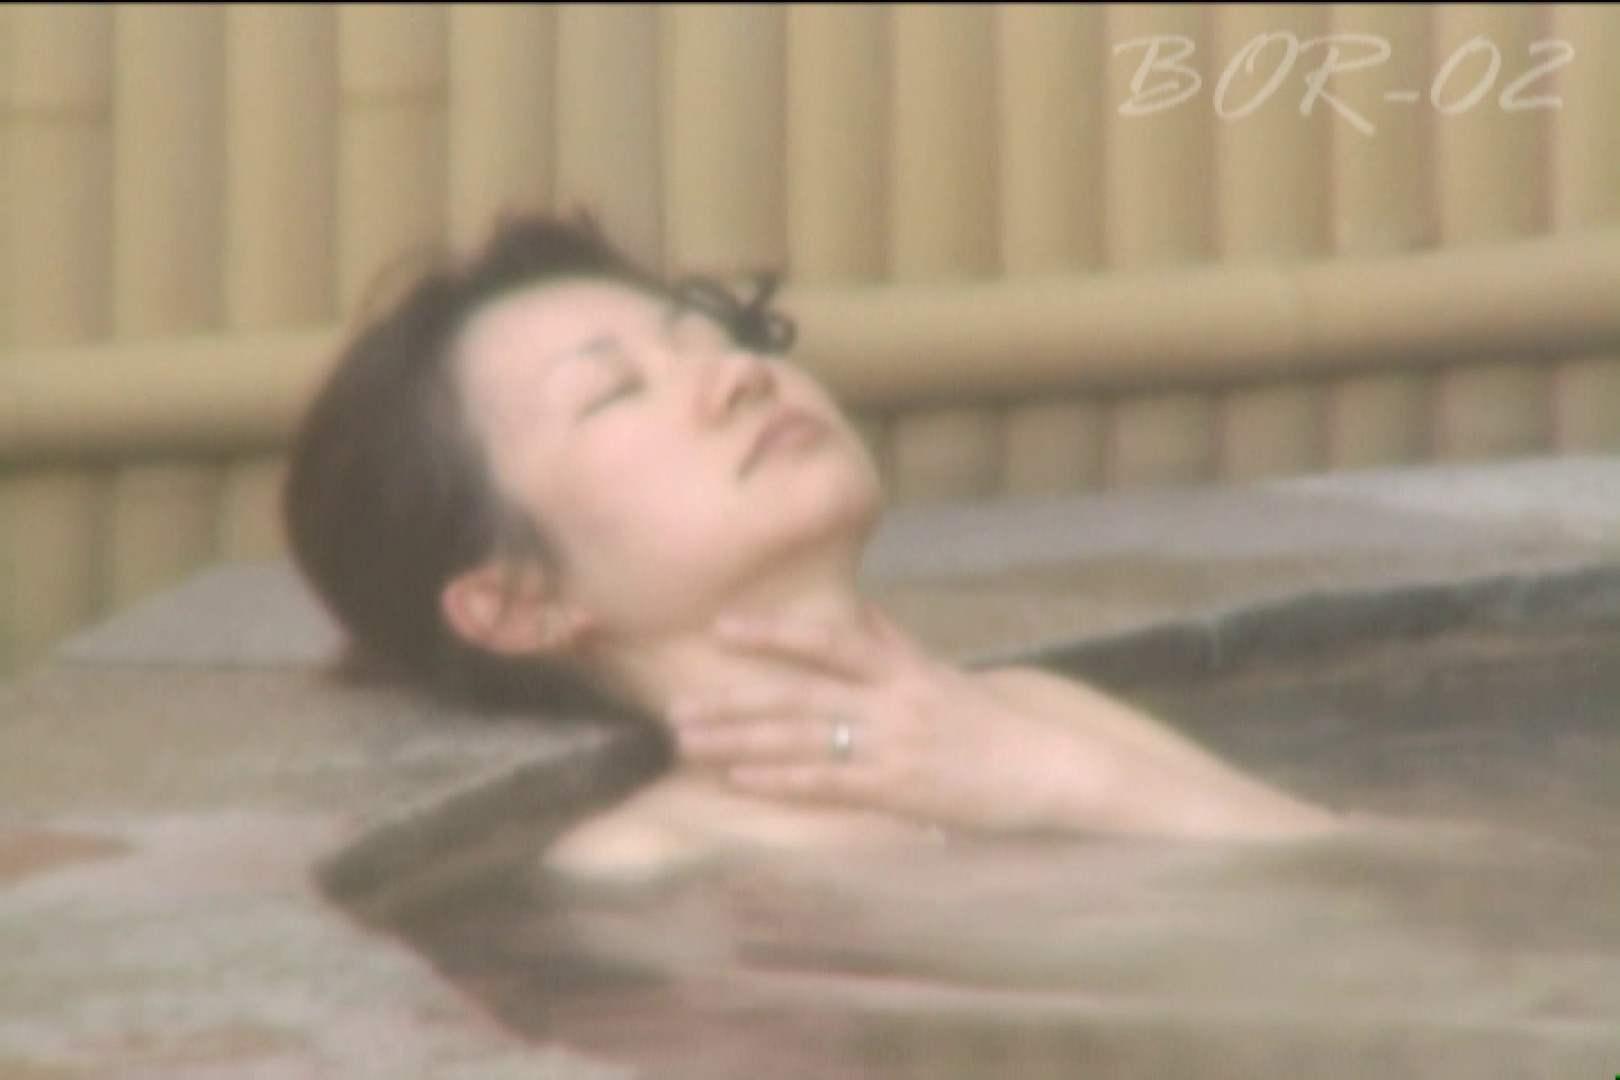 Aquaな露天風呂Vol.477 盗撮 | OLのエロ生活  79連発 46